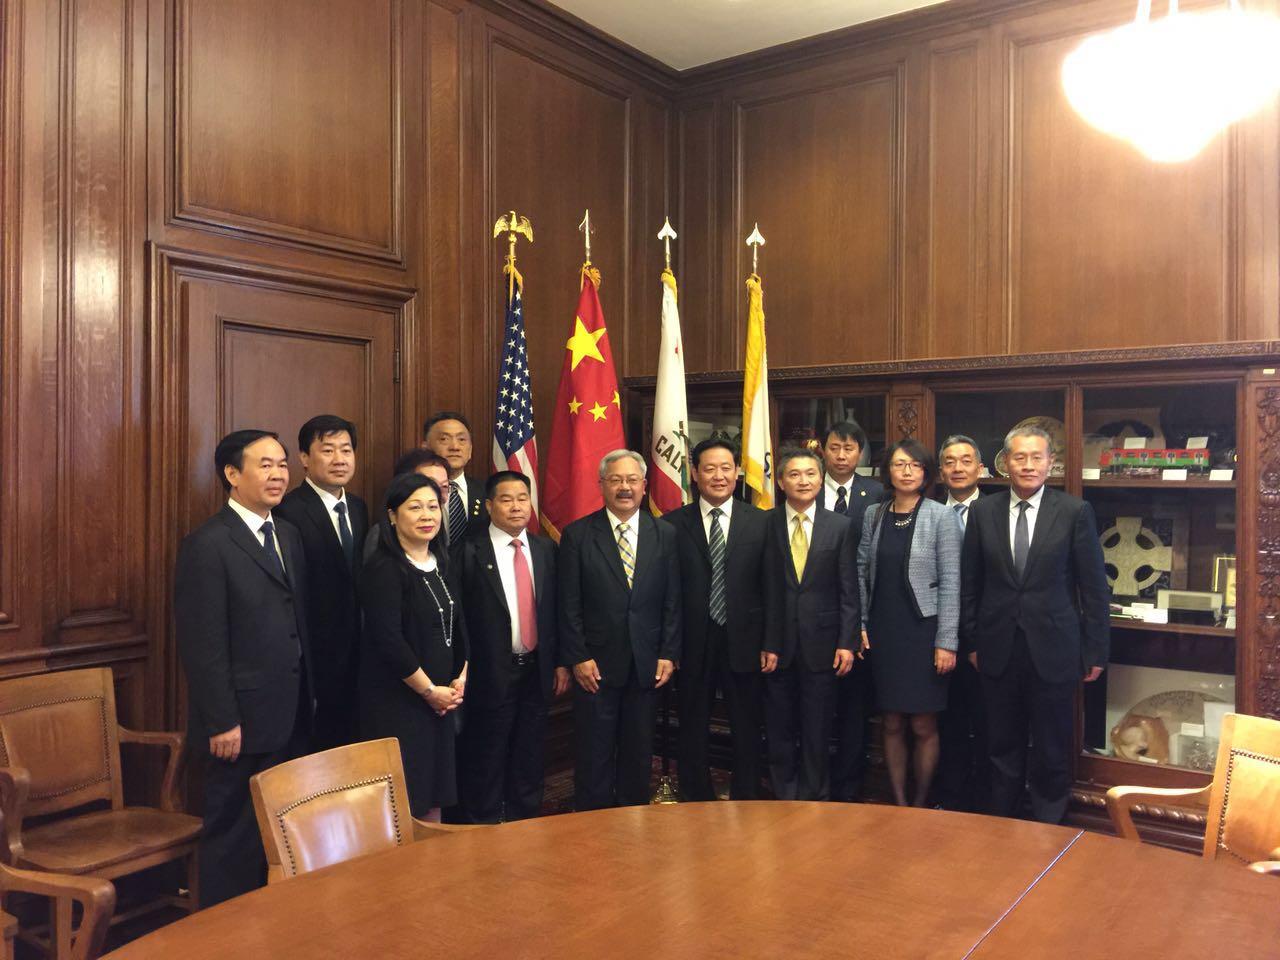 20151016 Shijiazhuang Delegation at City Hall (1).jpg